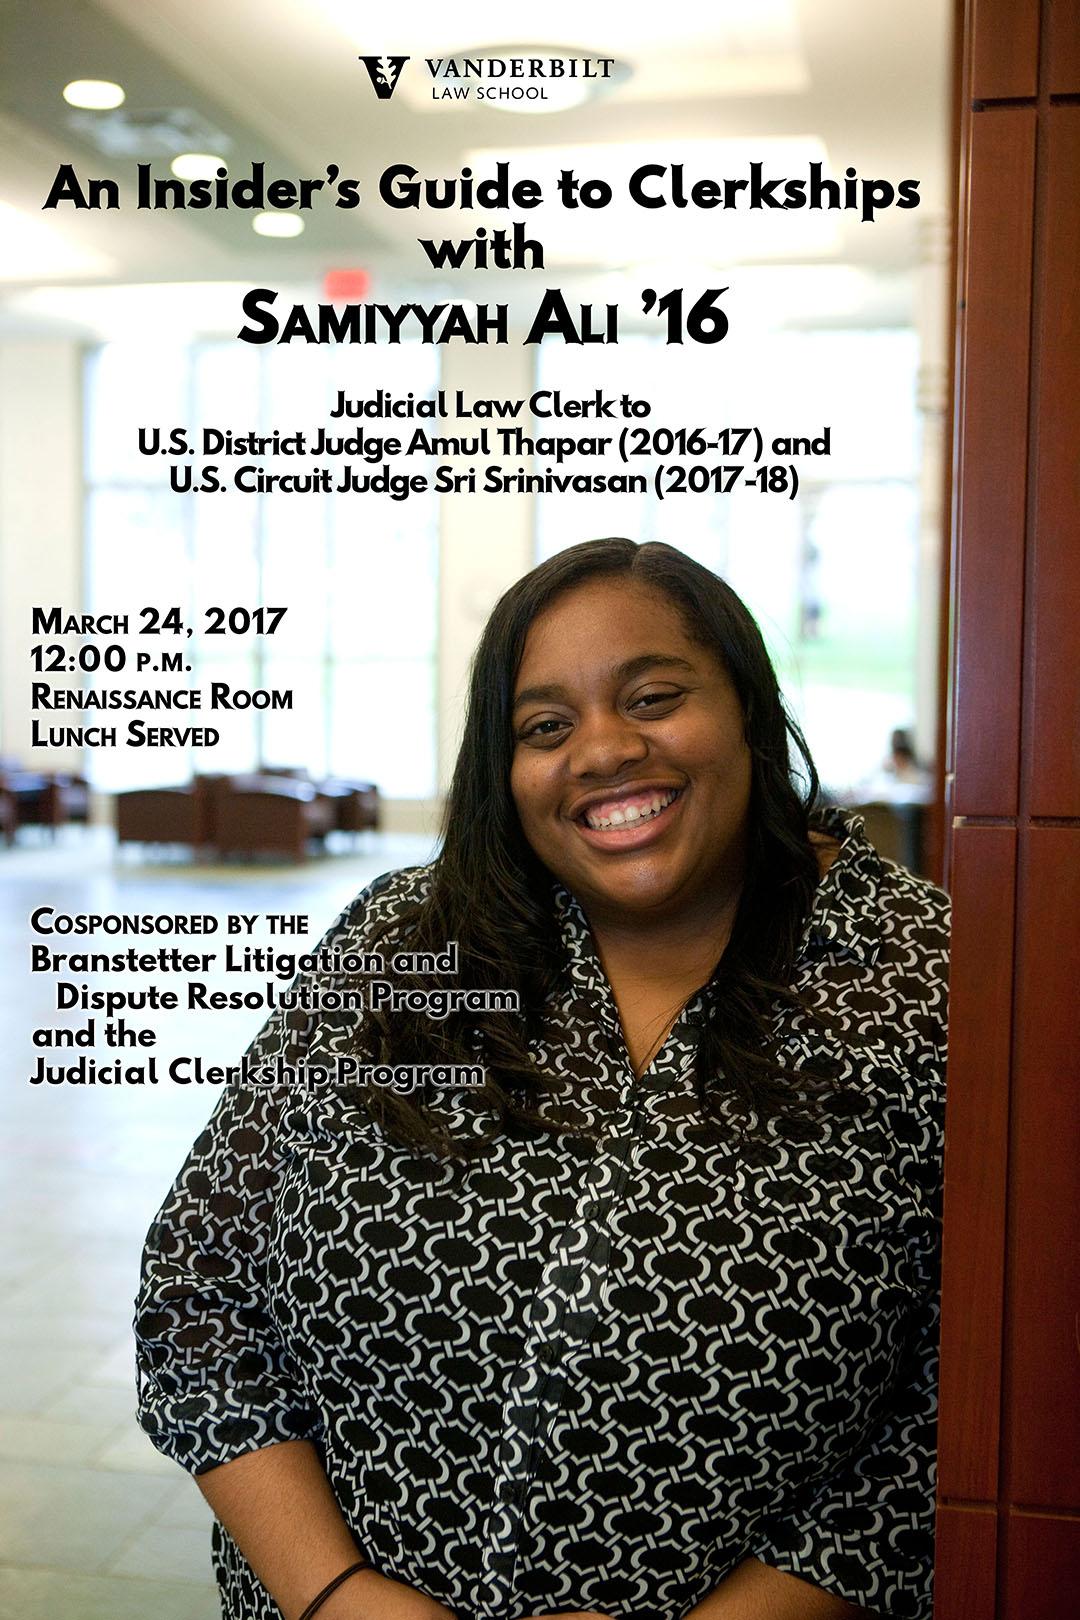 Samiyyah Ali